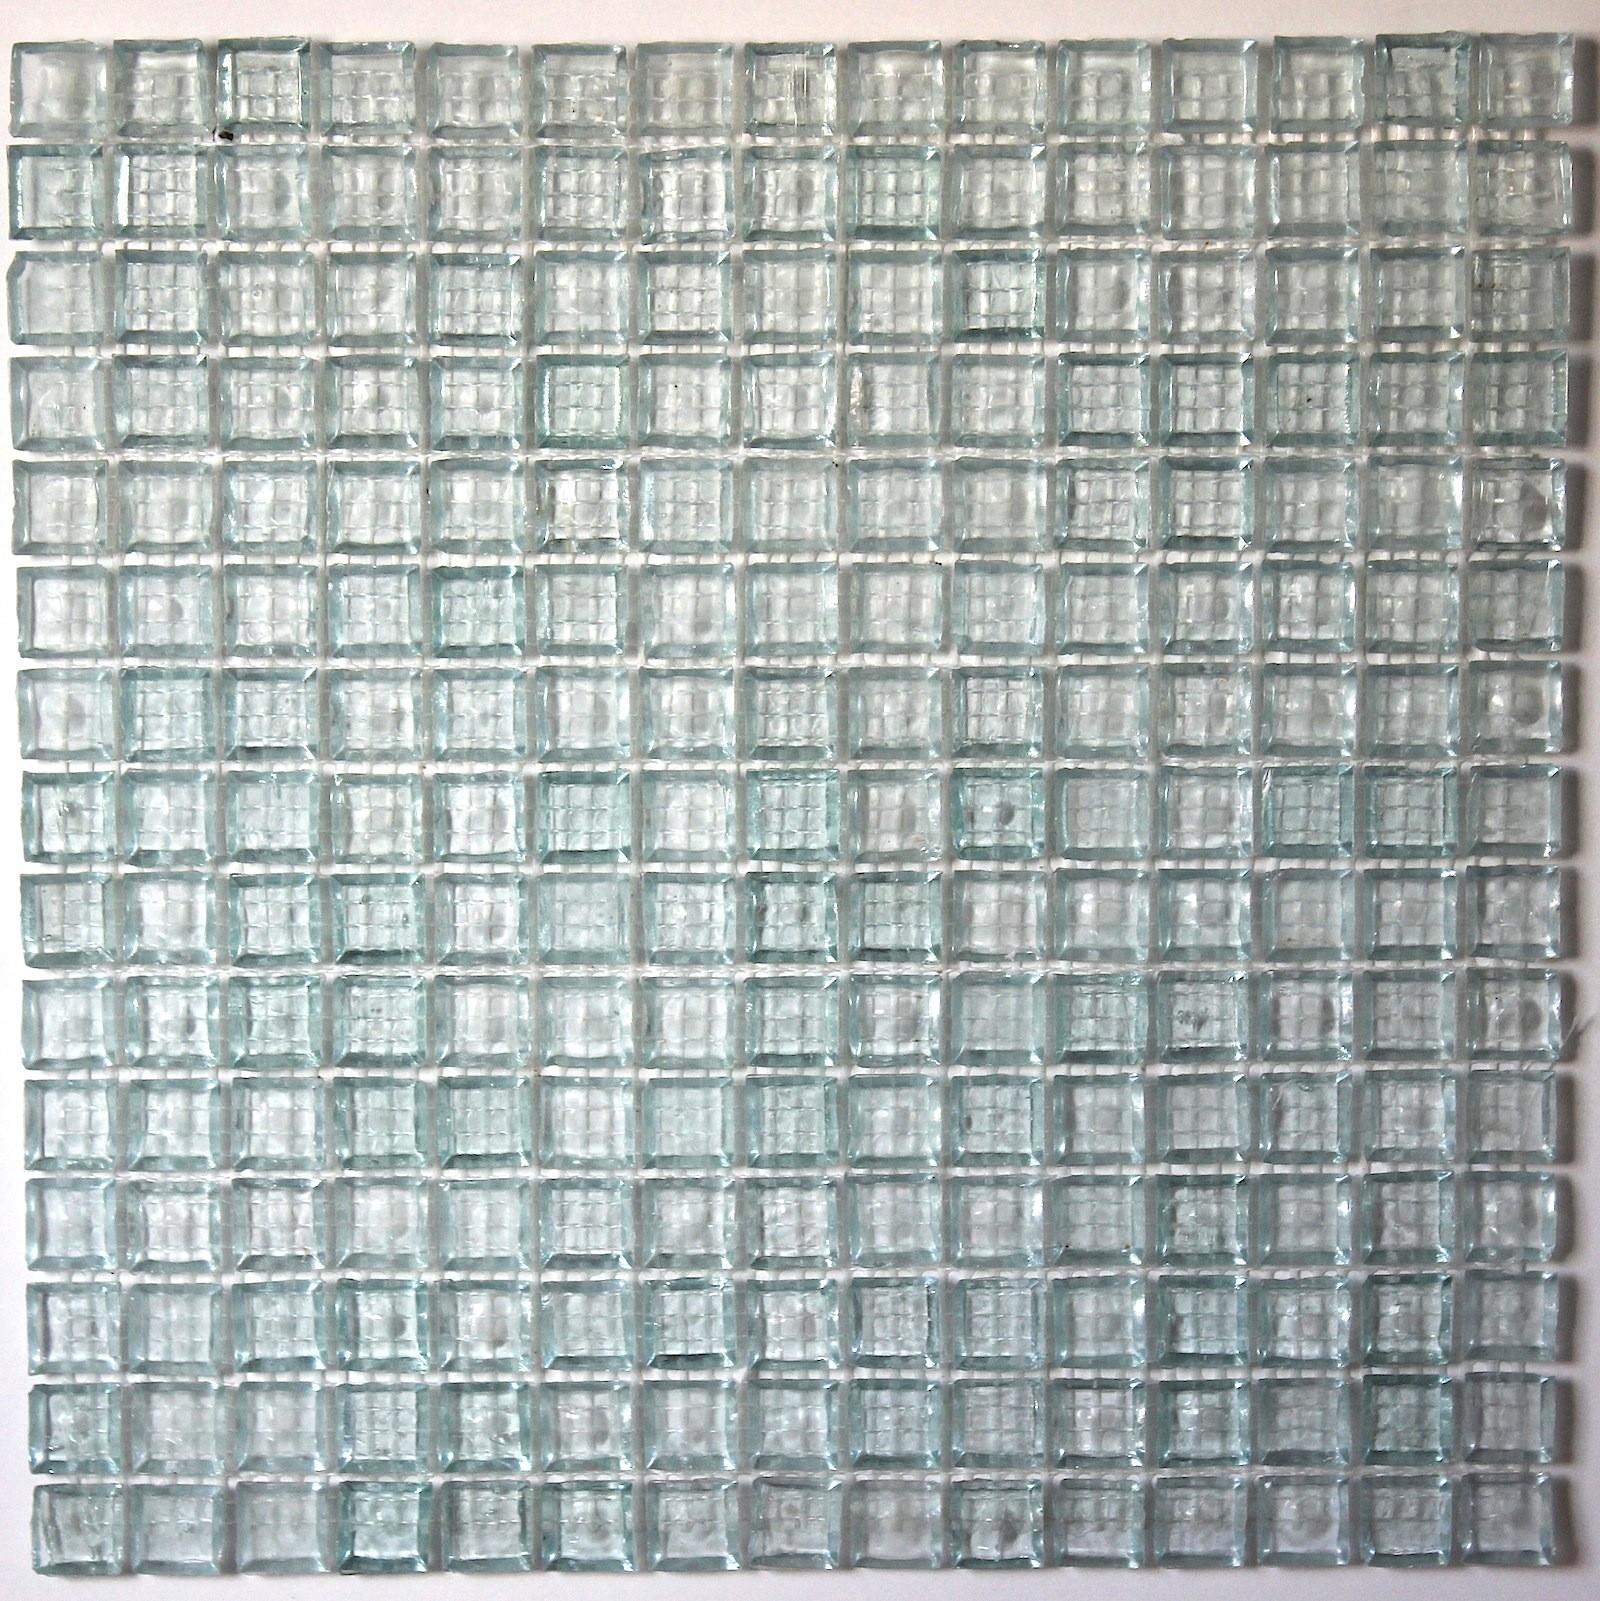 Mosaique pate de verre pas cher 28 images mosaique pate de verre pas cher 1m vitroviolet for Carrelage mosaique pate de verre